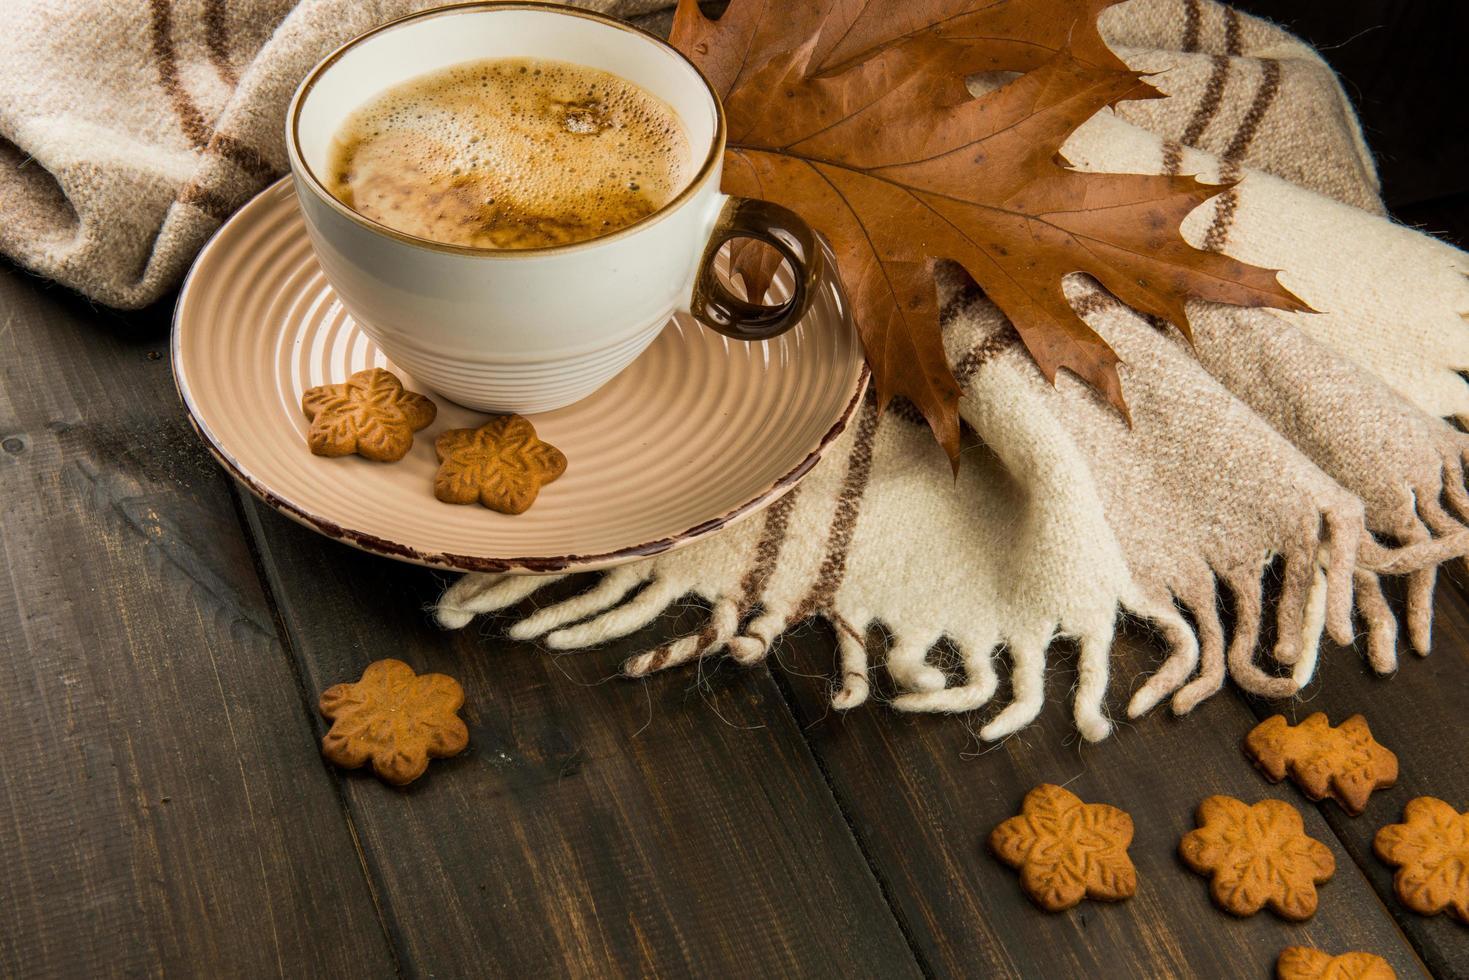 höstdekor med kaffe och kakor foto